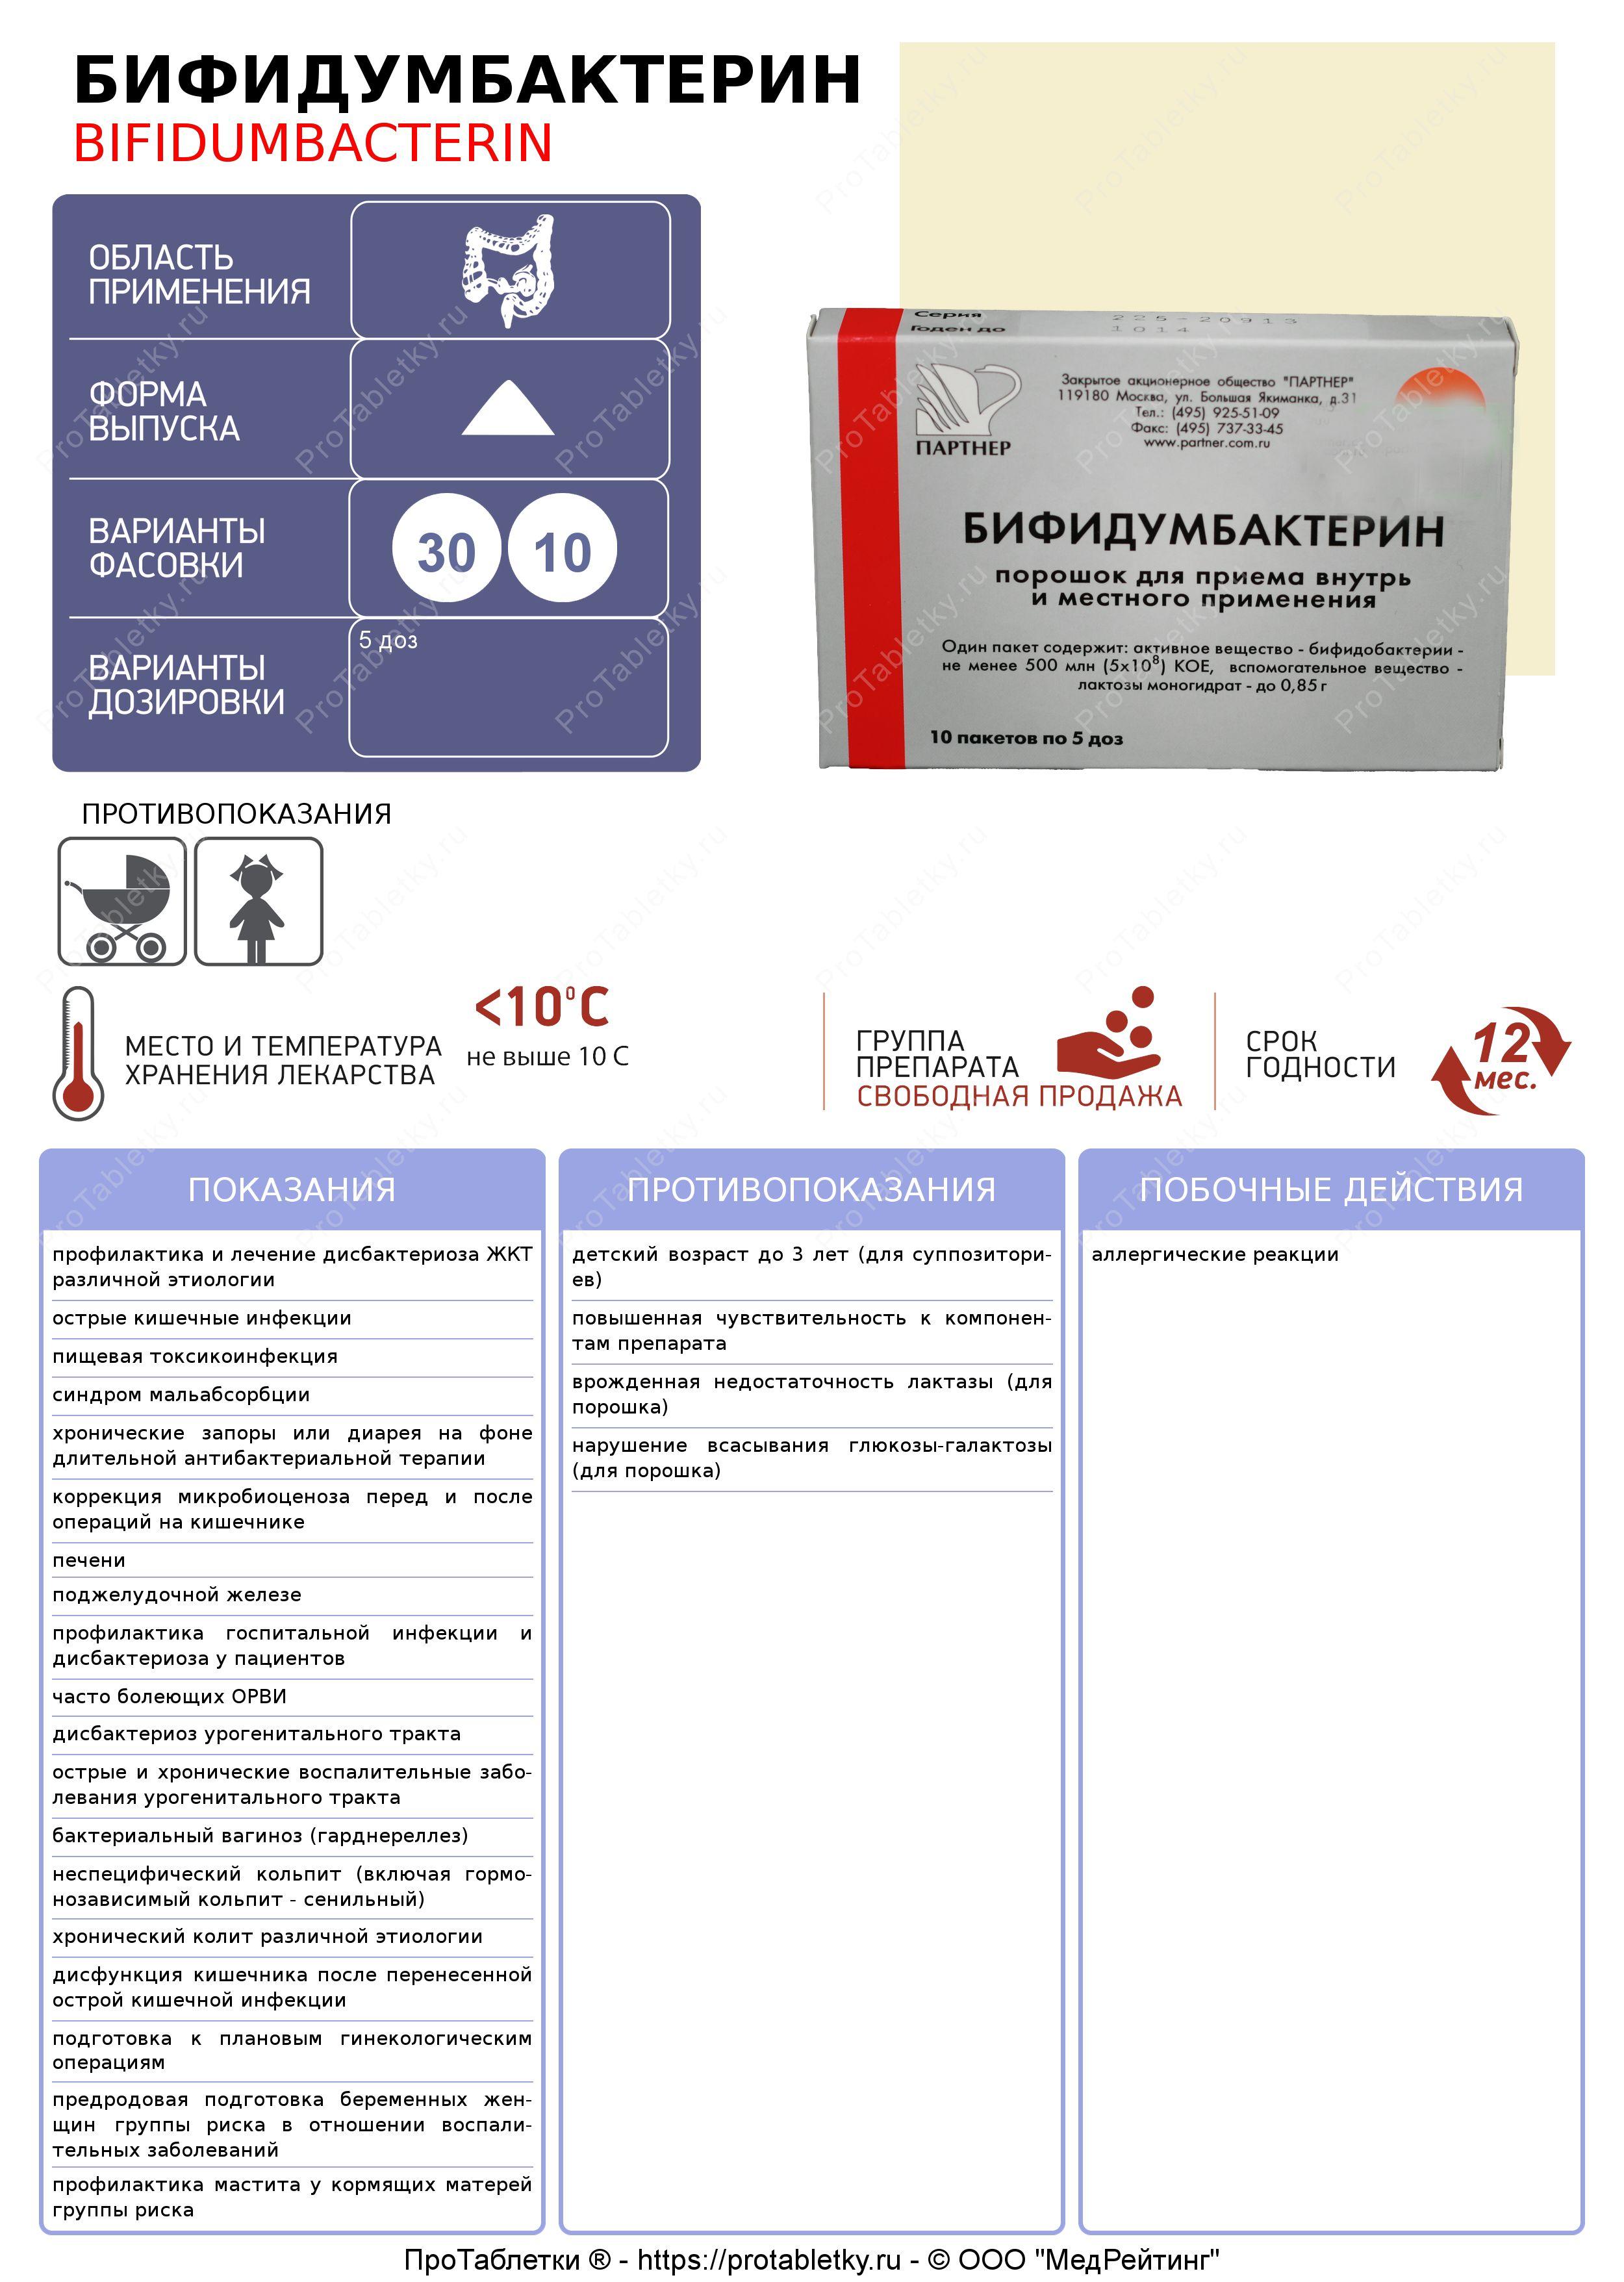 бифидумбактерин суспензии инструкция